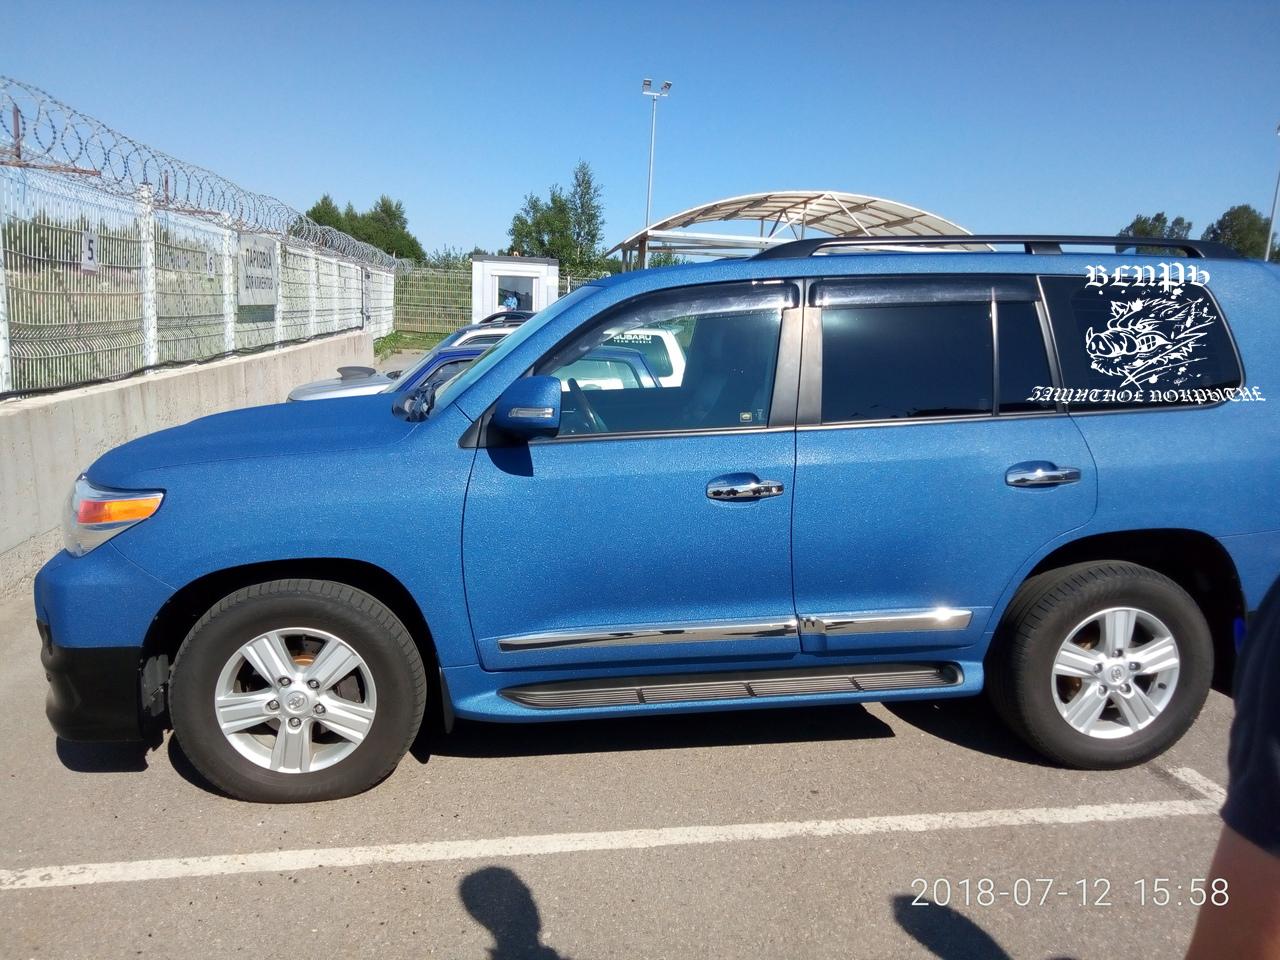 Защитное покрытие, Вепрь, полимочевина, полимочевина на авто, Toyota. toyota LC200. LC200. Land Cruiser 200